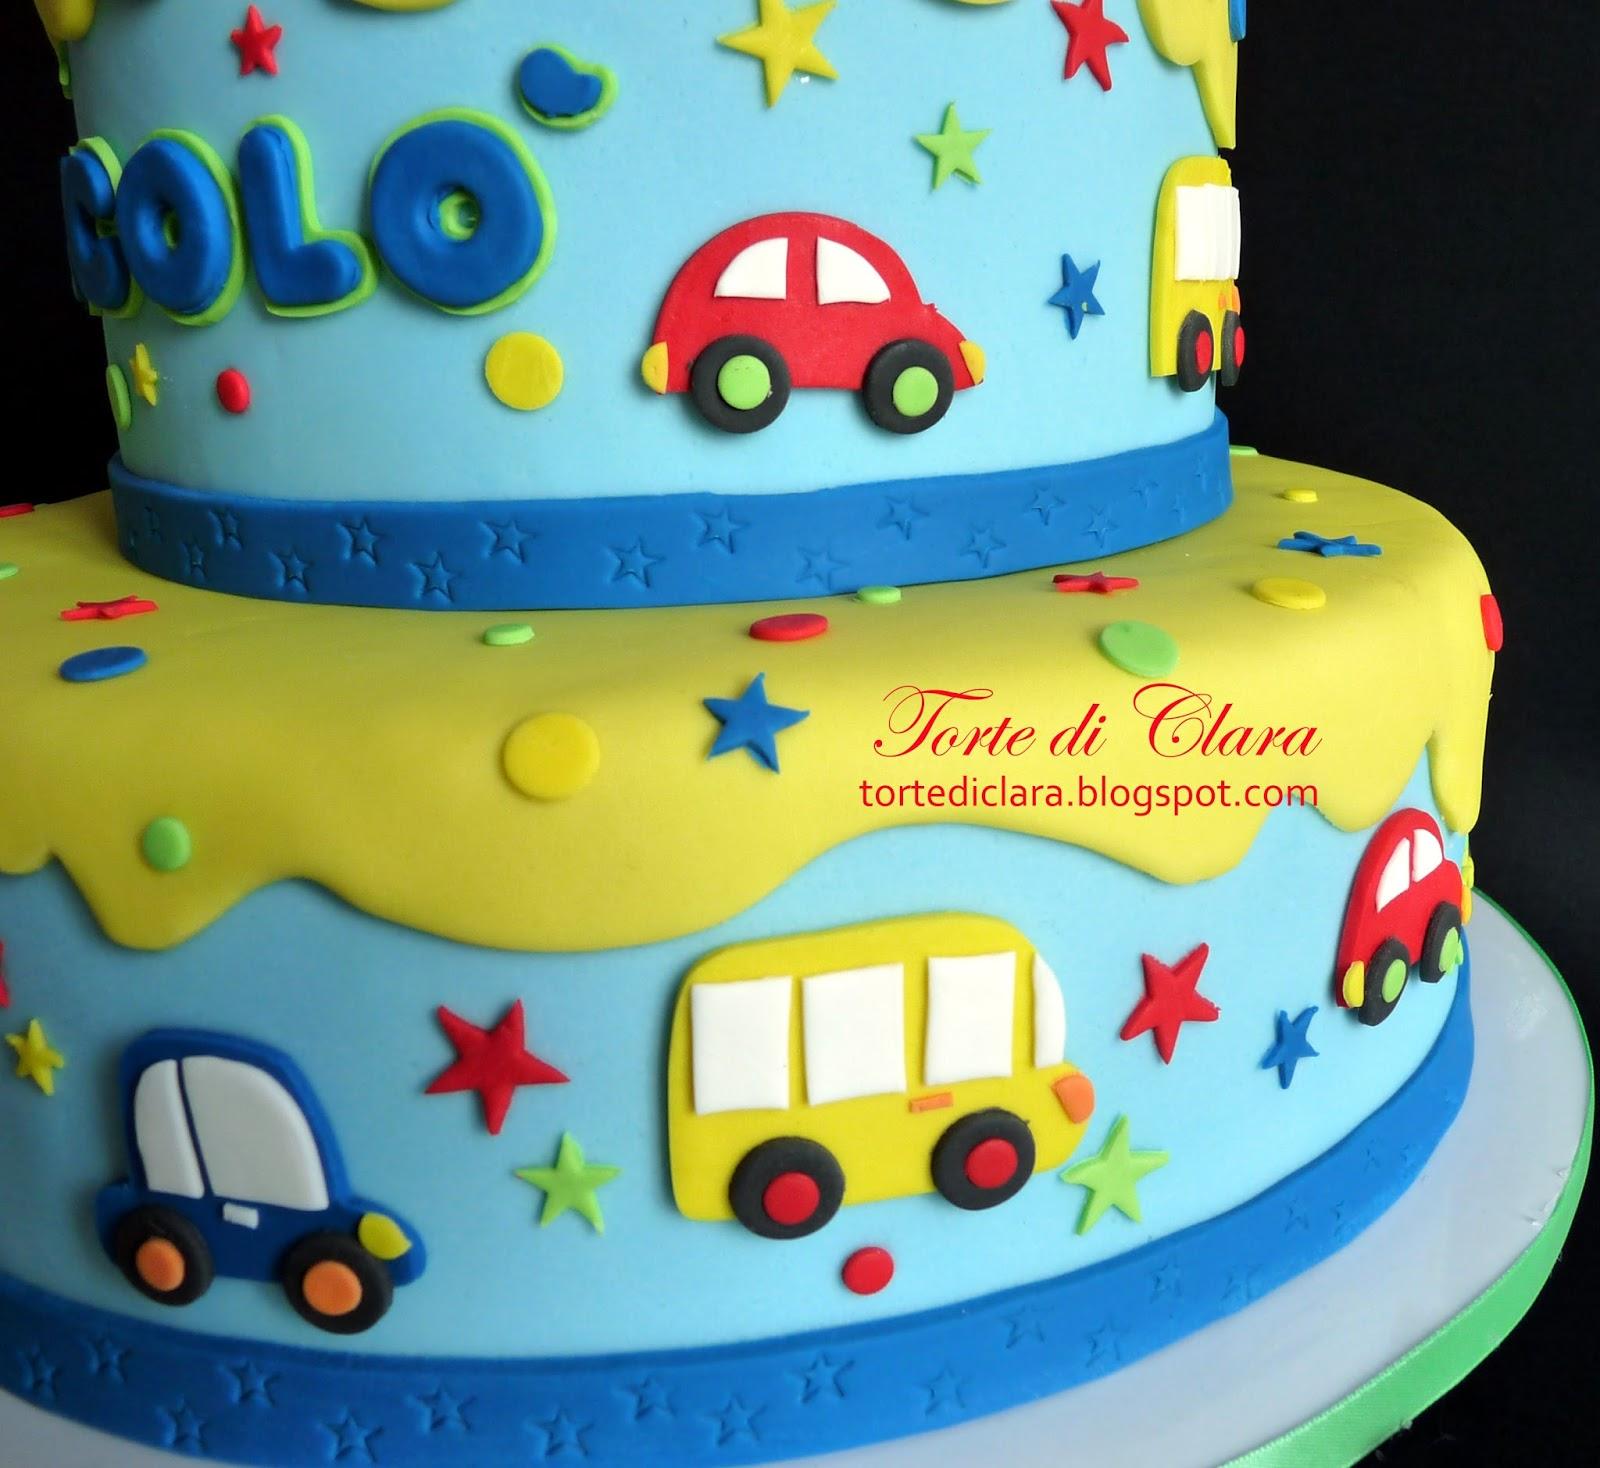 Torte Di Clara Birthday Cake 9